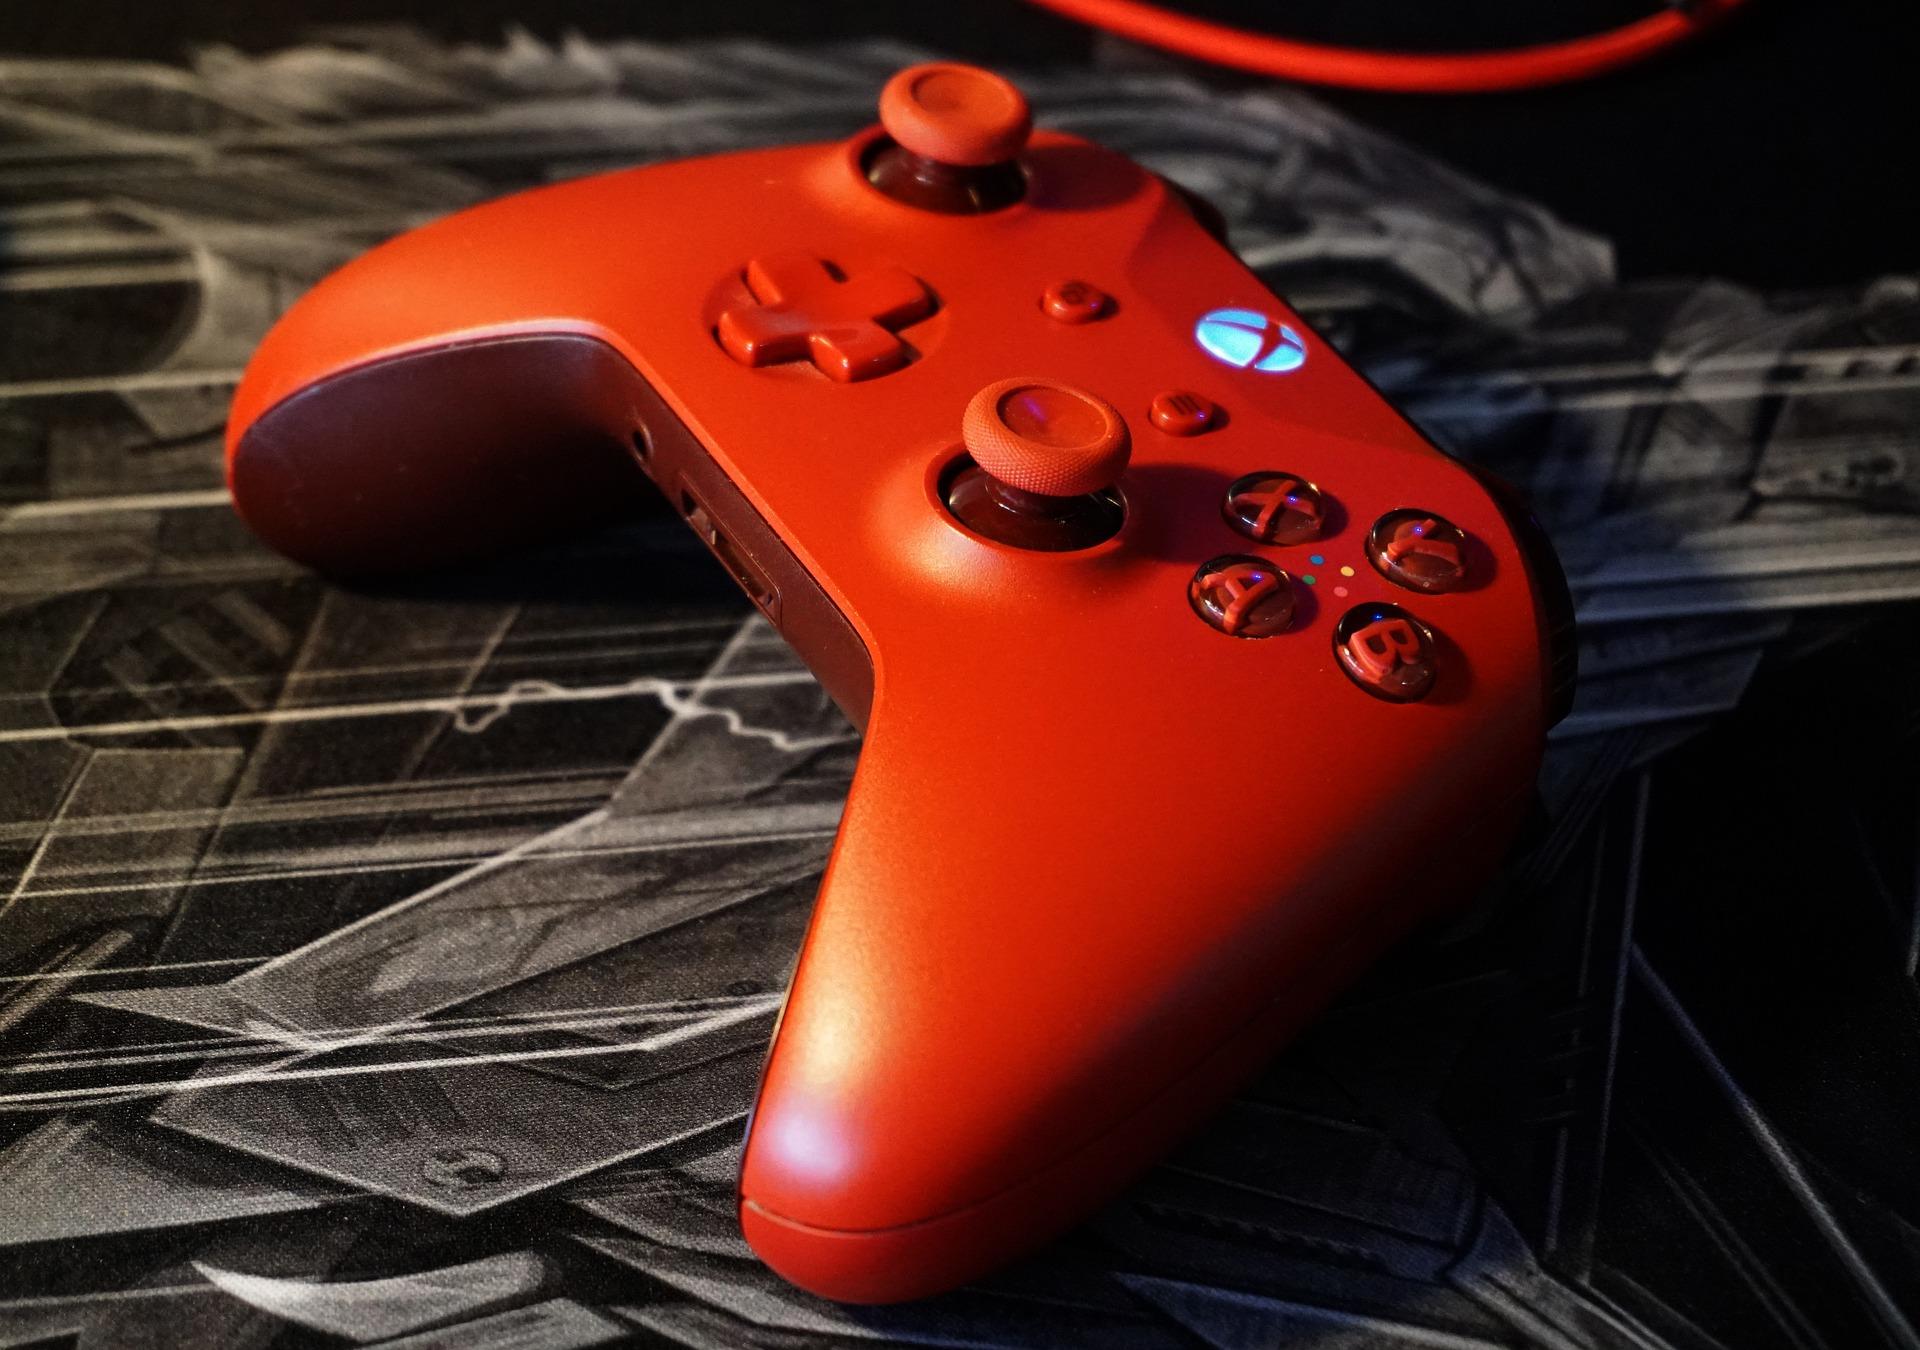 Imagem mostra um gamepad vermelho em destaque.